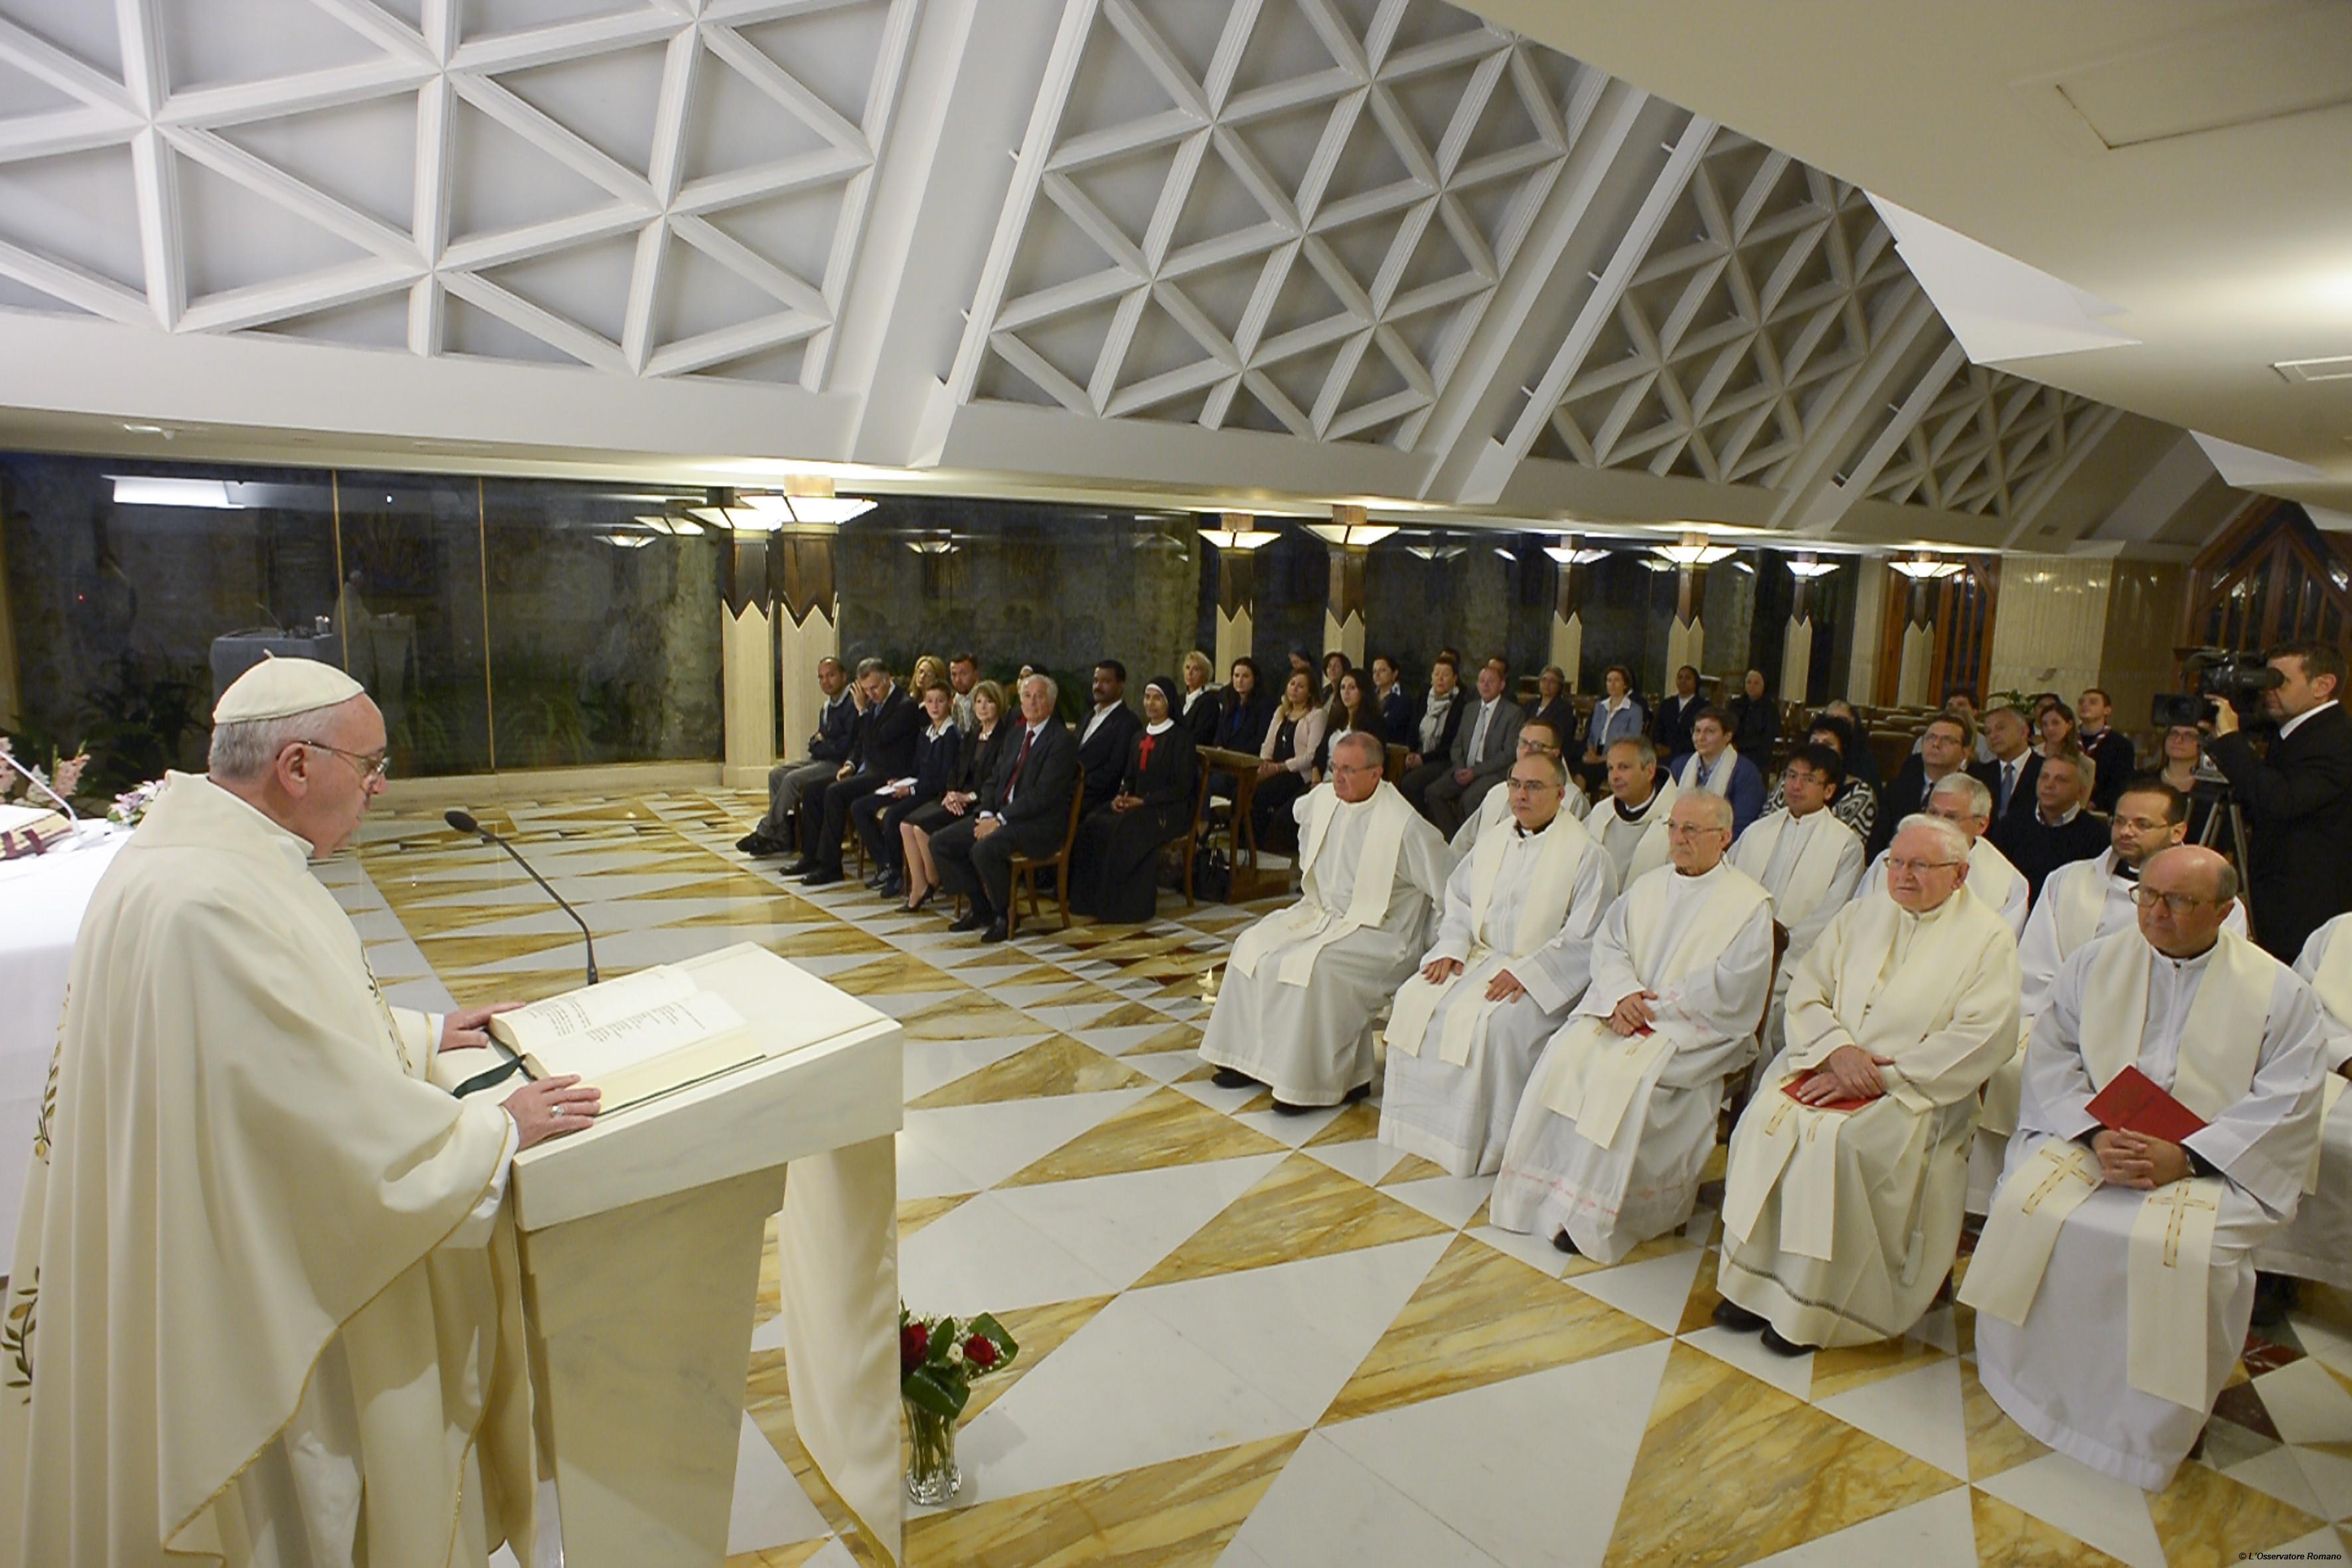 Pope Francis during Morning Mass at Santa Marta